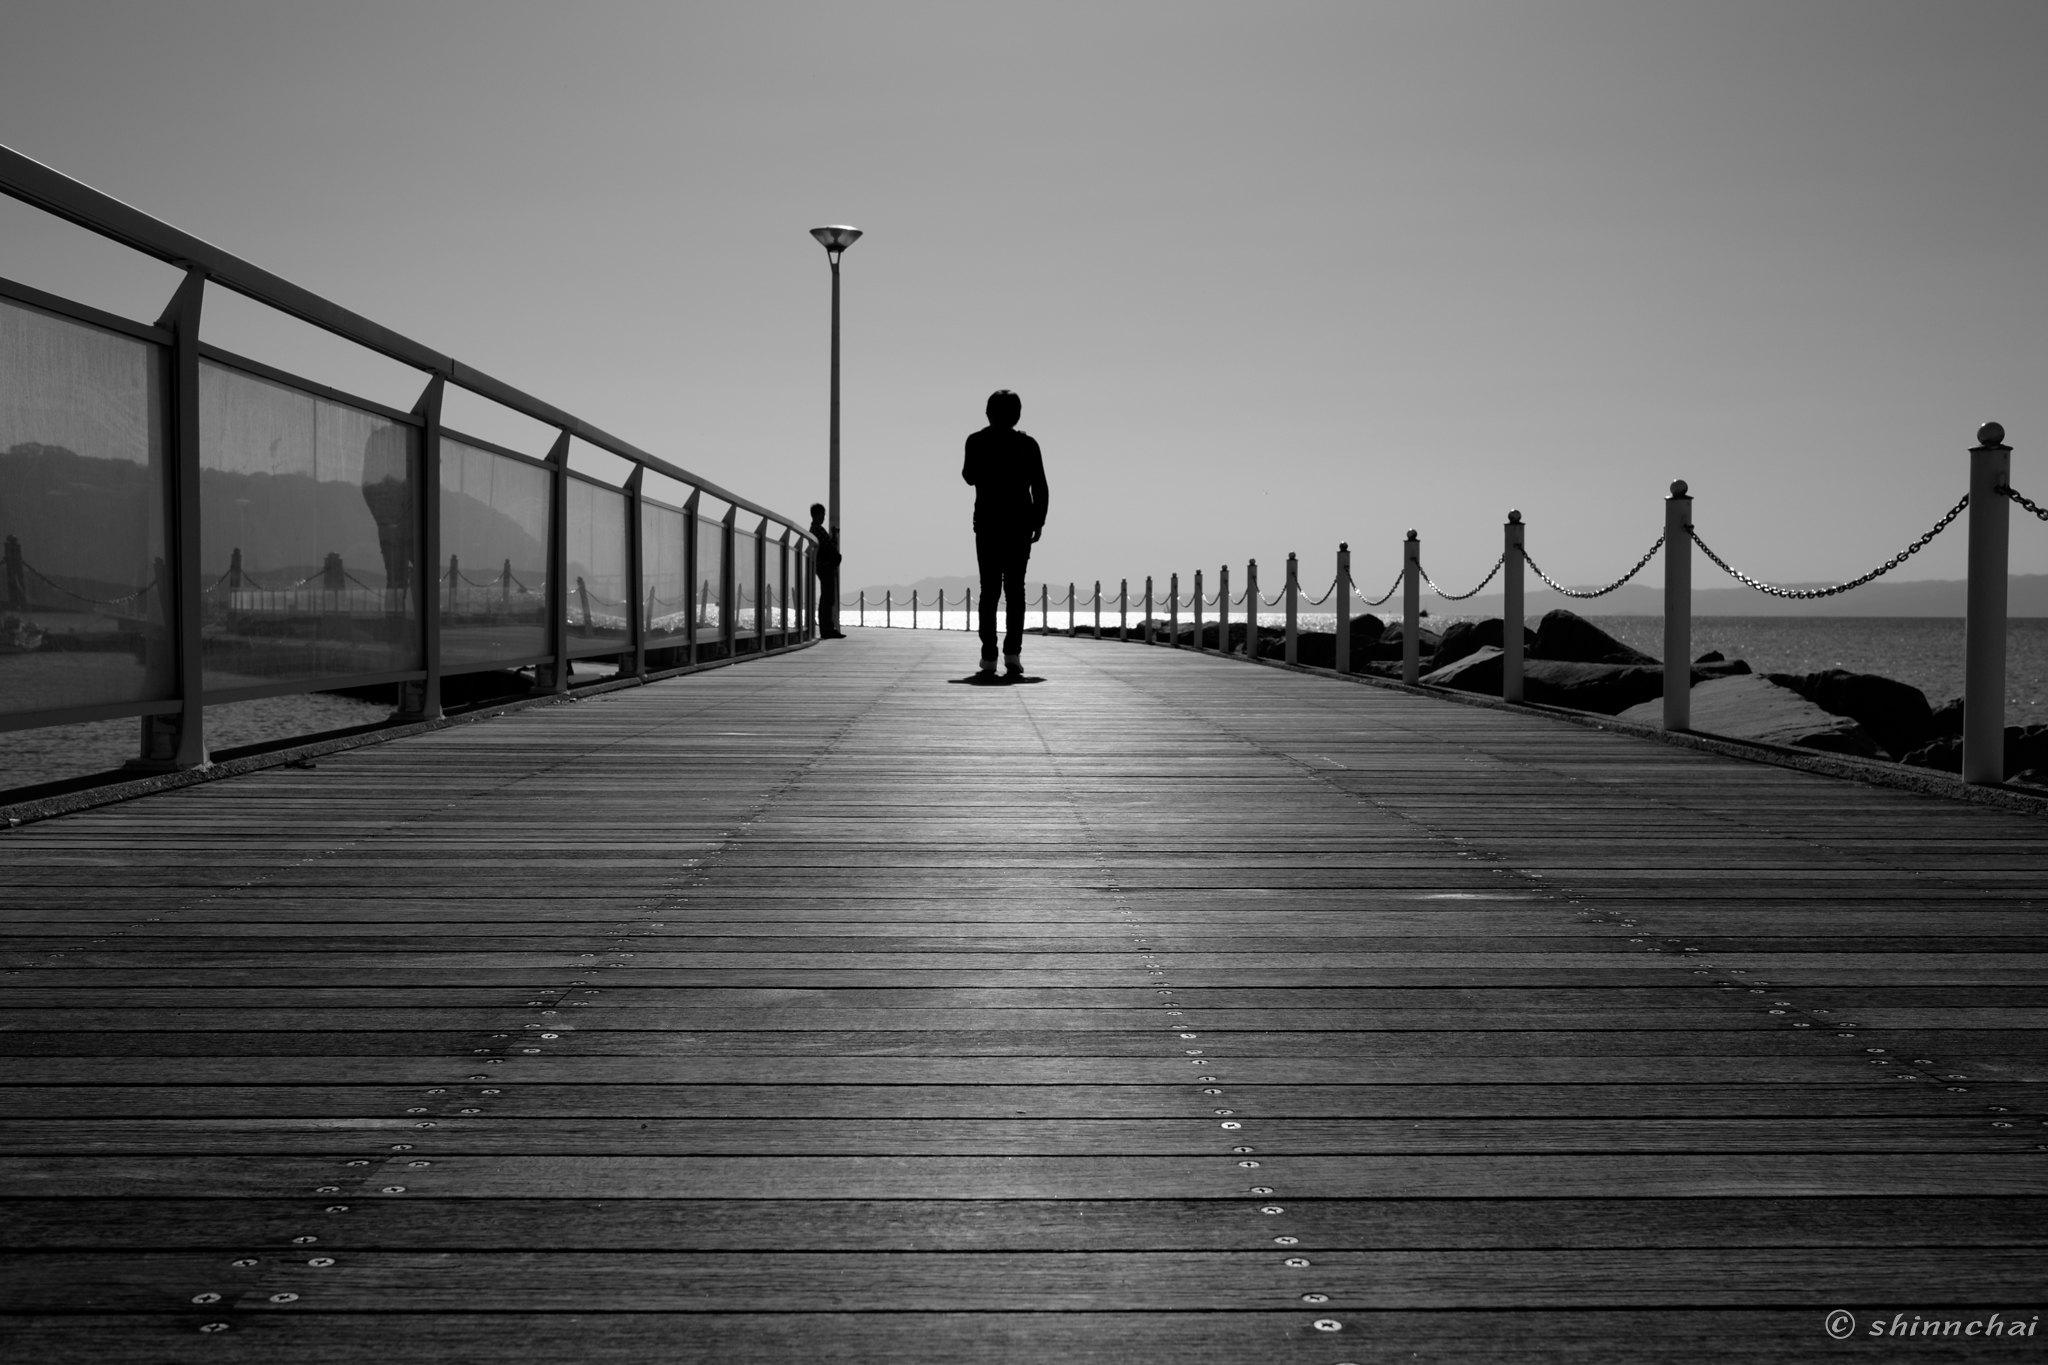 ズームレンズ 単焦点レンズ 比較画像 画質 江ノ島 桟橋